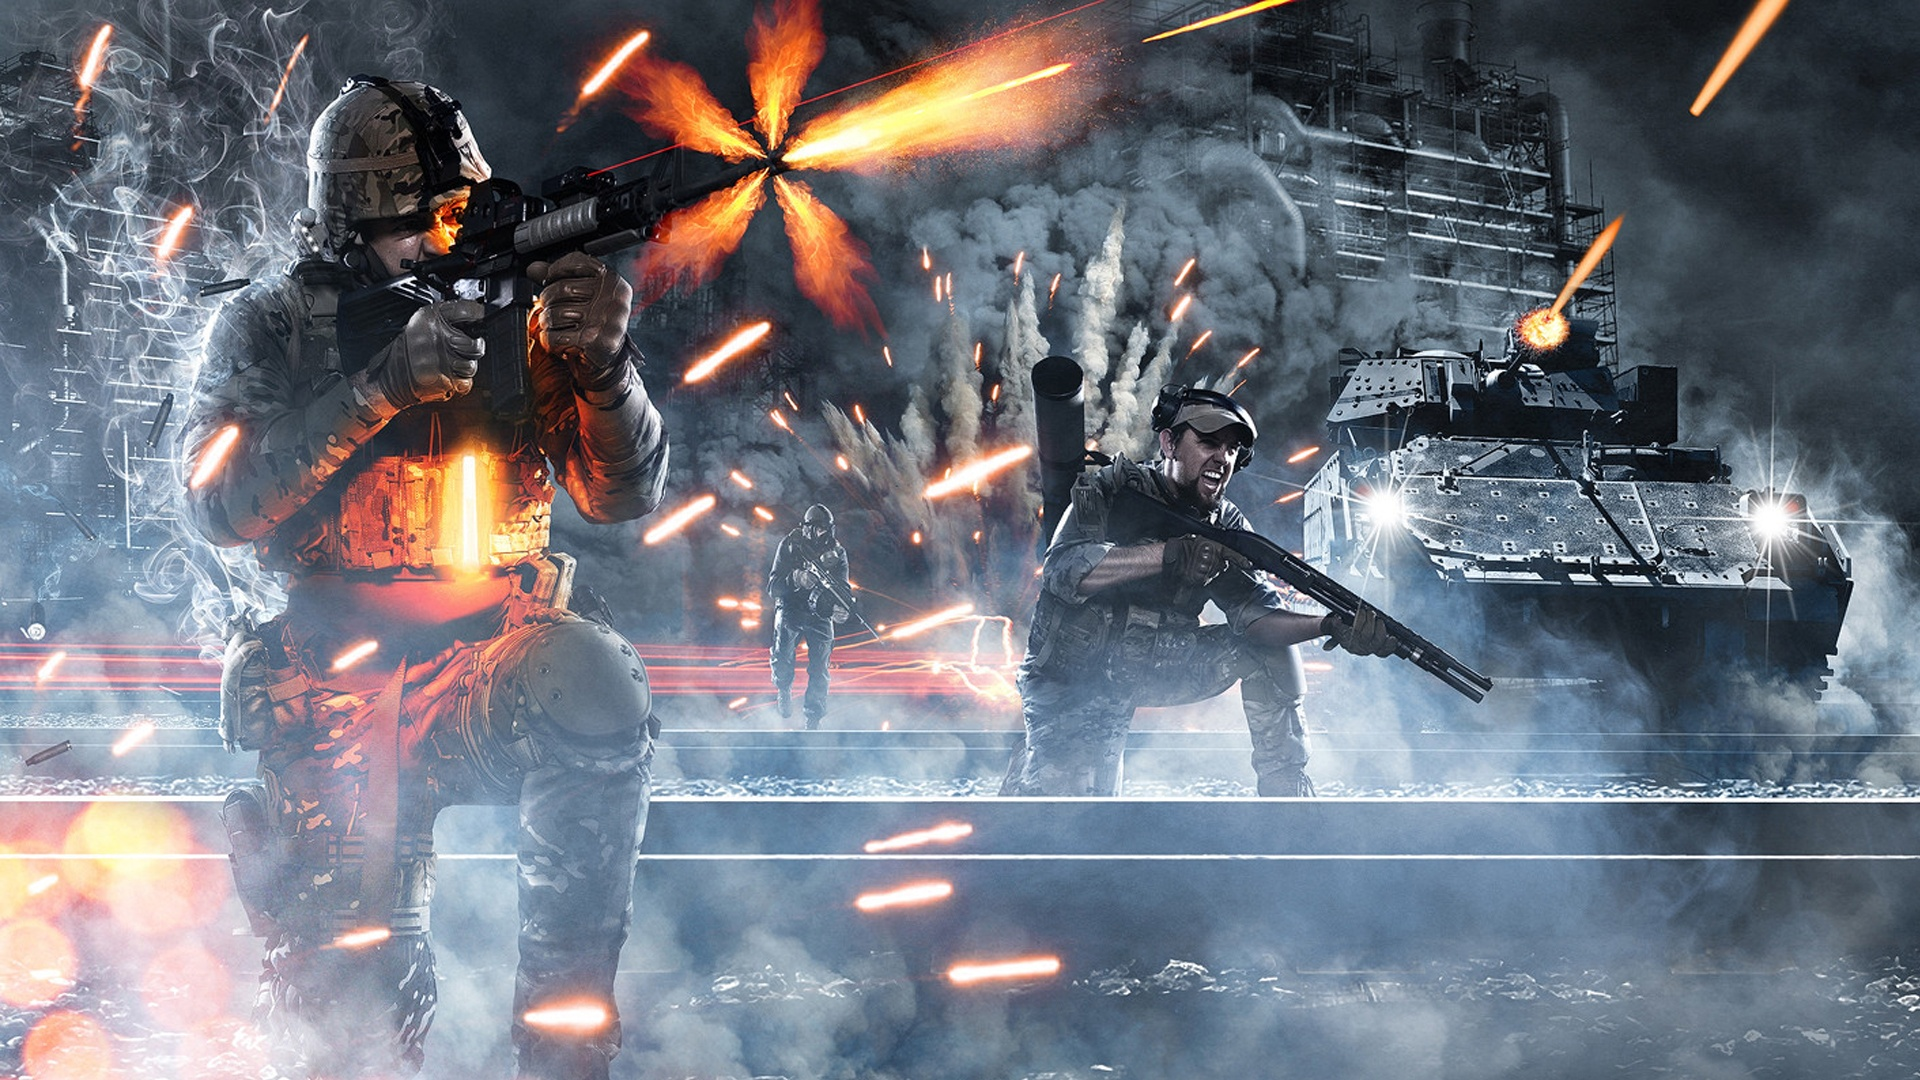 Battlefield 3 солдат линии оружие  № 3460741 бесплатно